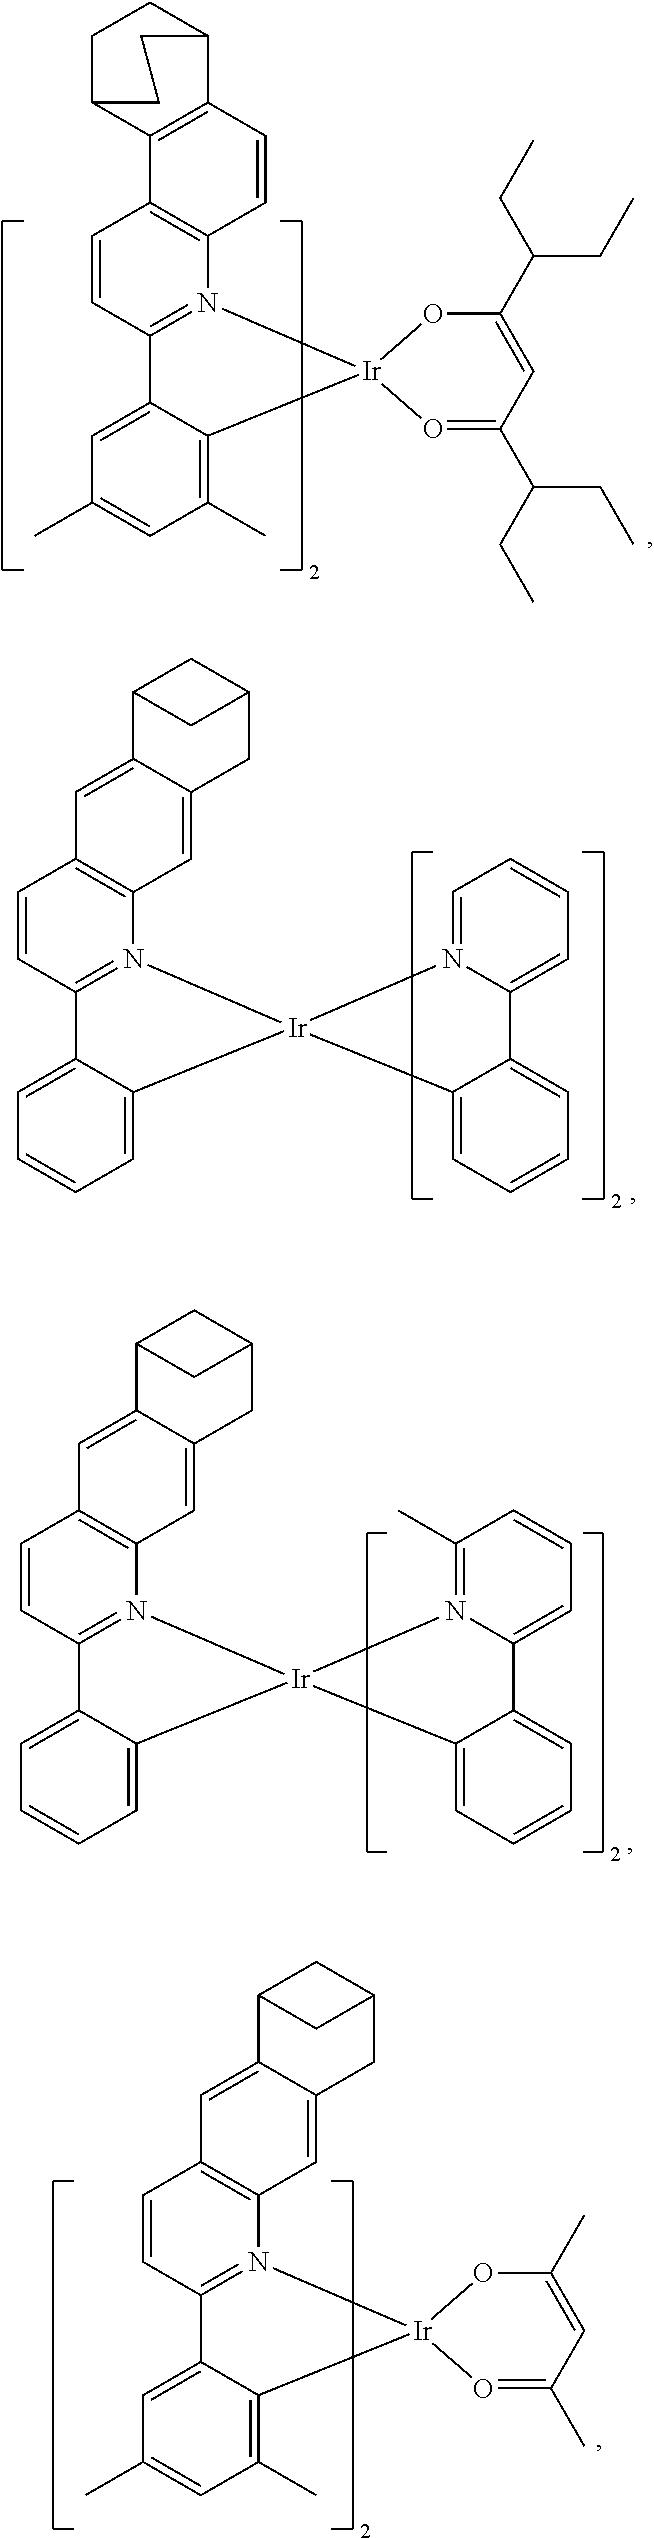 Figure US09691993-20170627-C00061